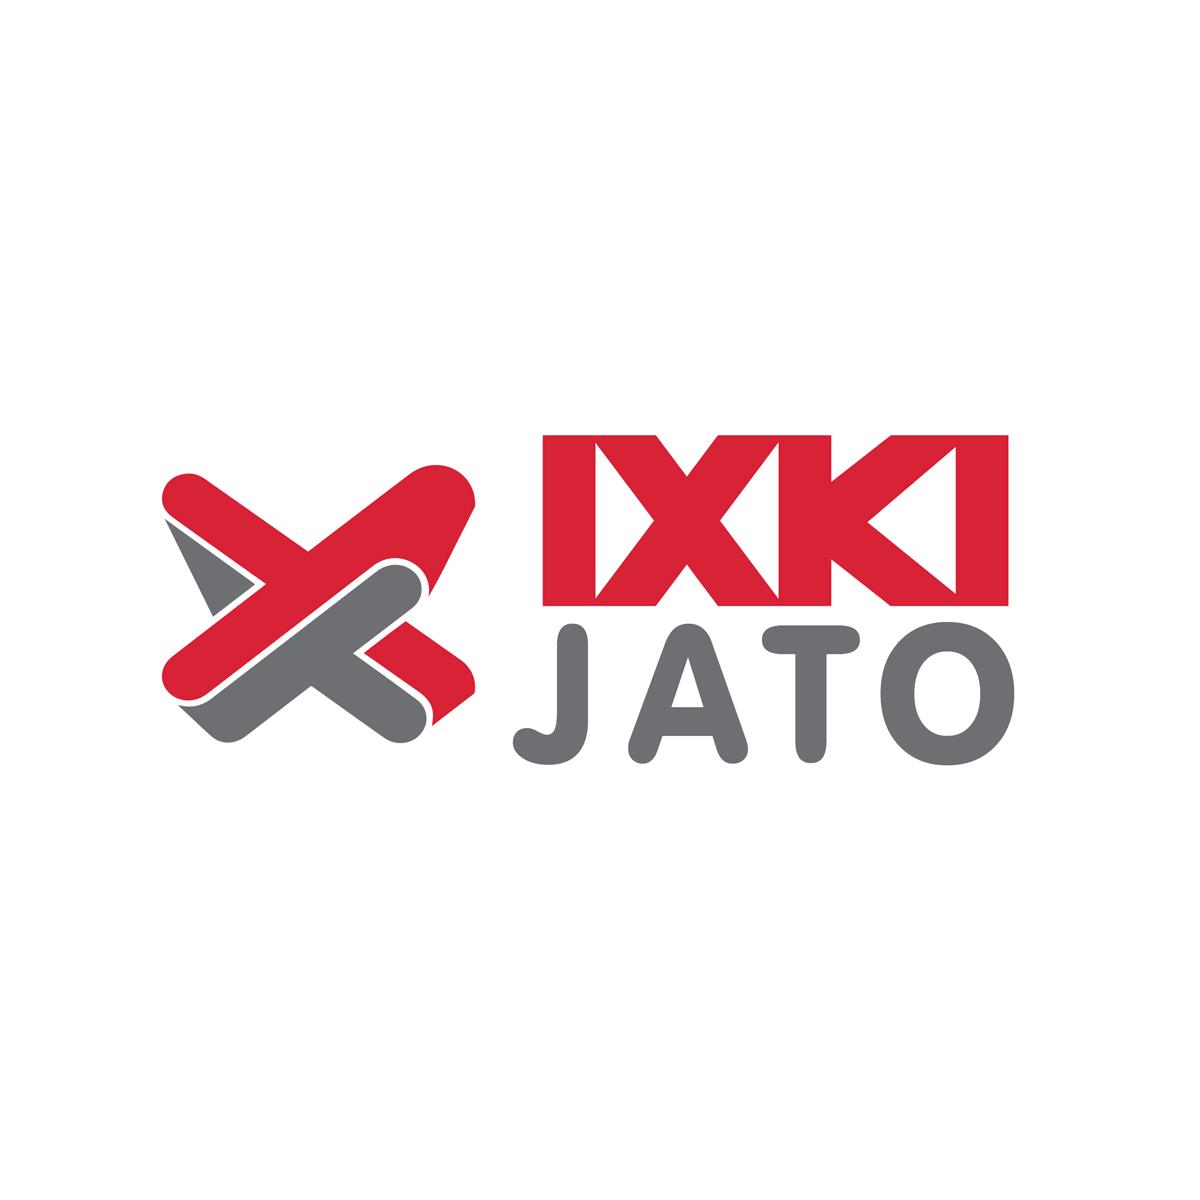 IXKI Jato